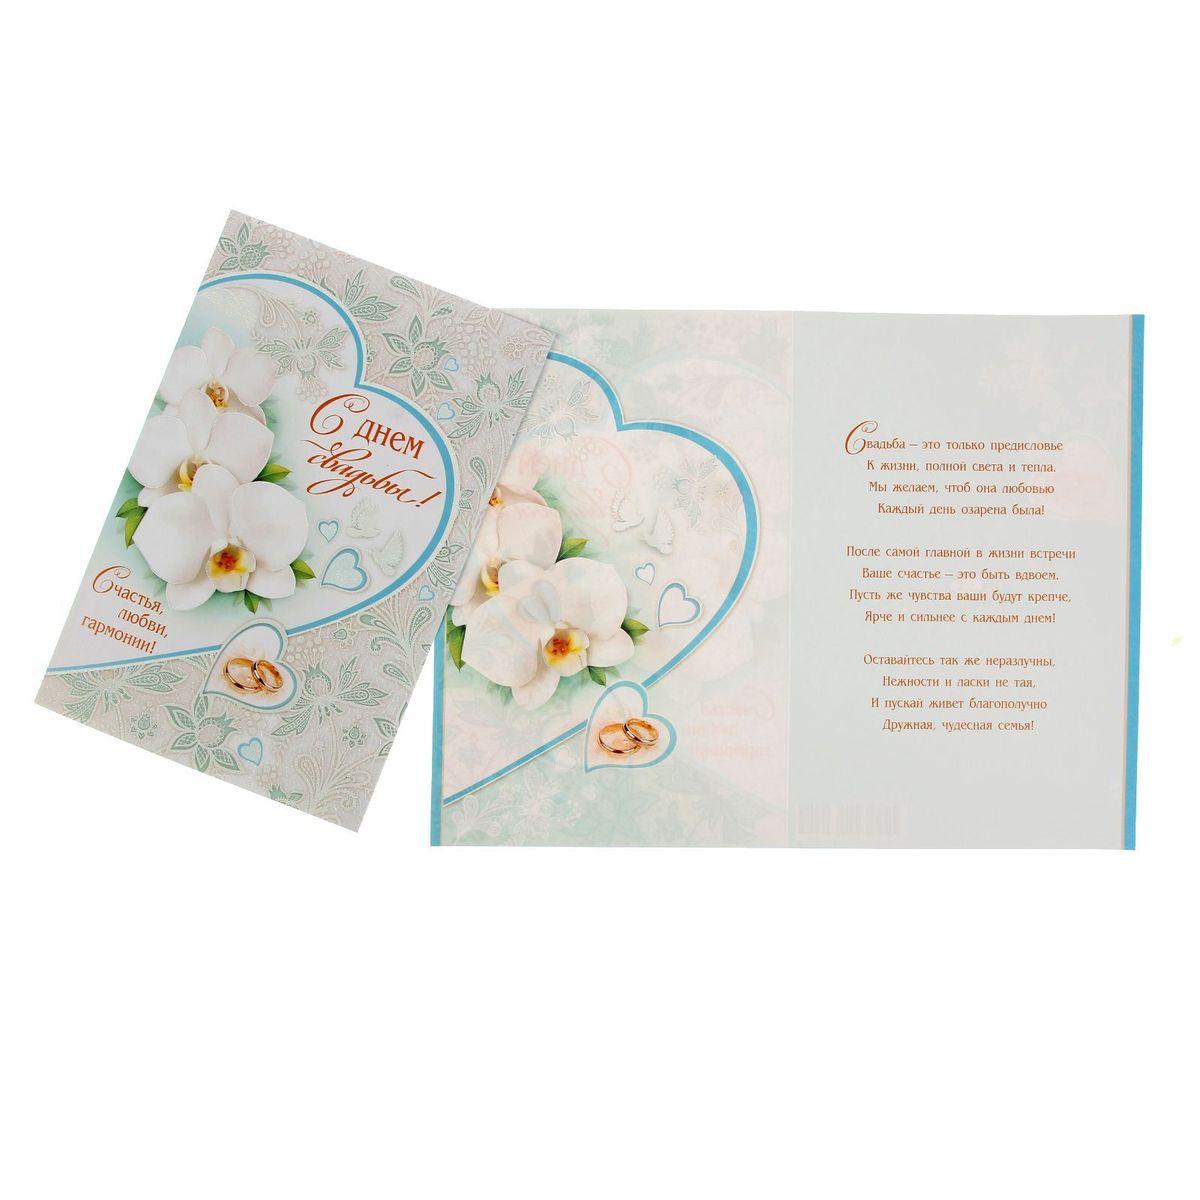 Открытка Мир открыток С Днем свадьбы! Белые цветыБрелок для ключейЕсли вы хотите порадовать себя или близких, создать праздничное настроение и с улыбкой провести памятный день, то вы, несомненно, сделали правильный выбор! Открытка Мир открыток С Днем Свадьбы! Белые цветы, выполненная из картона, отличается не только оригинальным дизайном, но и высоким качеством.Лицевая сторона изделия оформлена красивым изображением белых цветов и колец, дополнена блестками и рельефным узором. Внутри открытка содержит текст с поздравлением.Такая открытка непременно порадует получателя и станет отличным напоминанием о проведенном вместе времени.